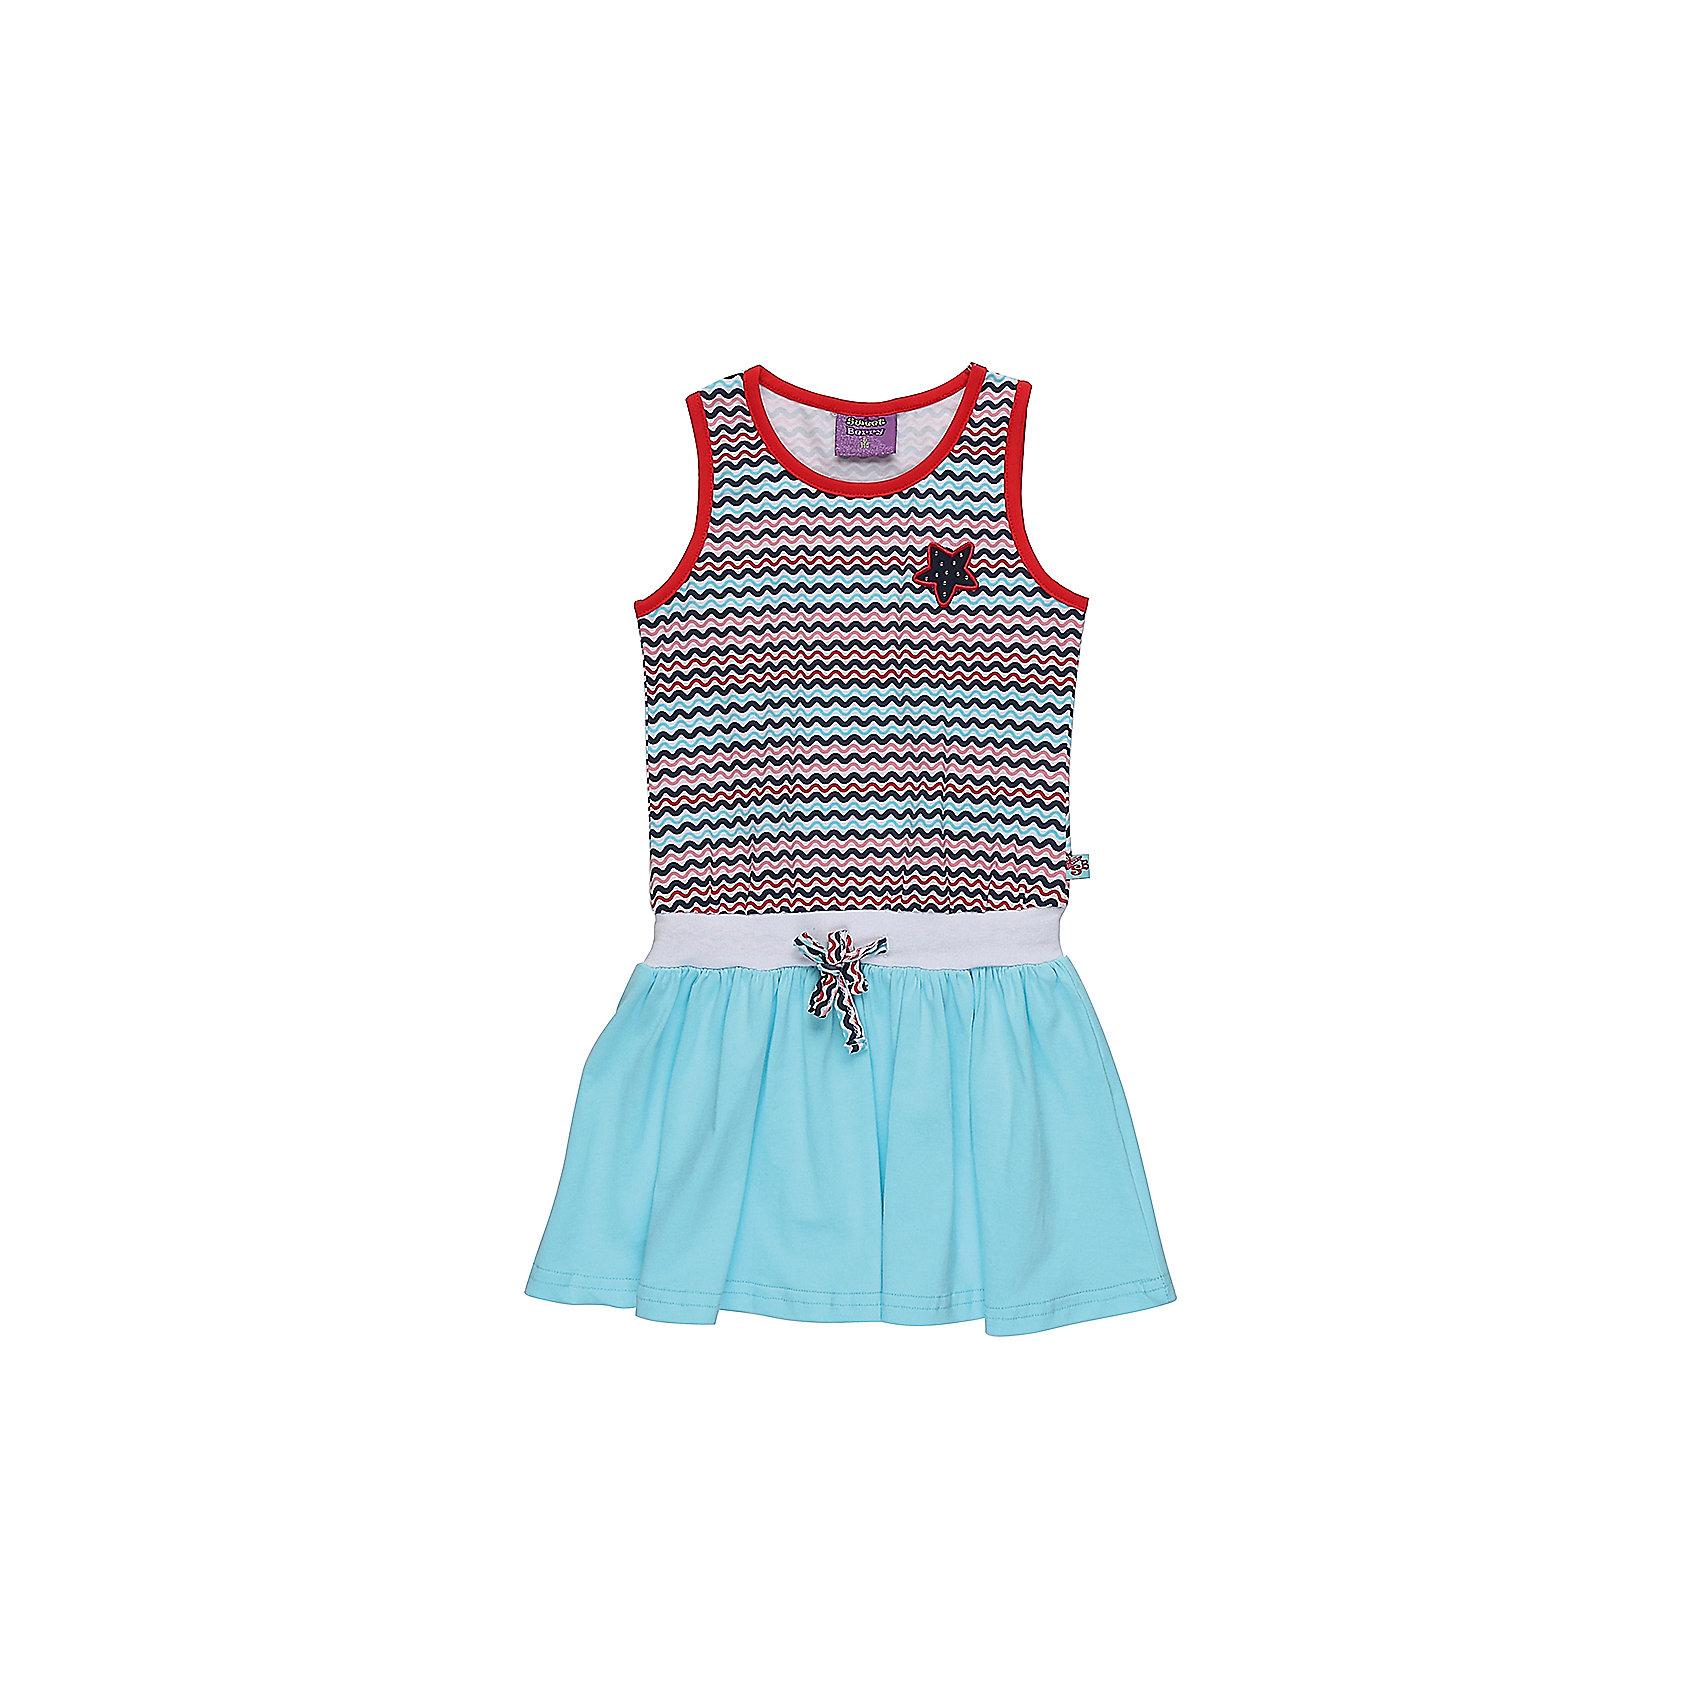 Платье для девочки Sweet BerryЛетние платья и сарафаны<br>Трикотажное платье для девочки без рукавов в полоску. Декрированно вышивкой и контрастным воланом.<br>Состав:<br>95%хлопок 5%эластан<br><br>Ширина мм: 236<br>Глубина мм: 16<br>Высота мм: 184<br>Вес г: 177<br>Цвет: разноцветный<br>Возраст от месяцев: 36<br>Возраст до месяцев: 48<br>Пол: Женский<br>Возраст: Детский<br>Размер: 104,128,98,110,116,122<br>SKU: 5412134